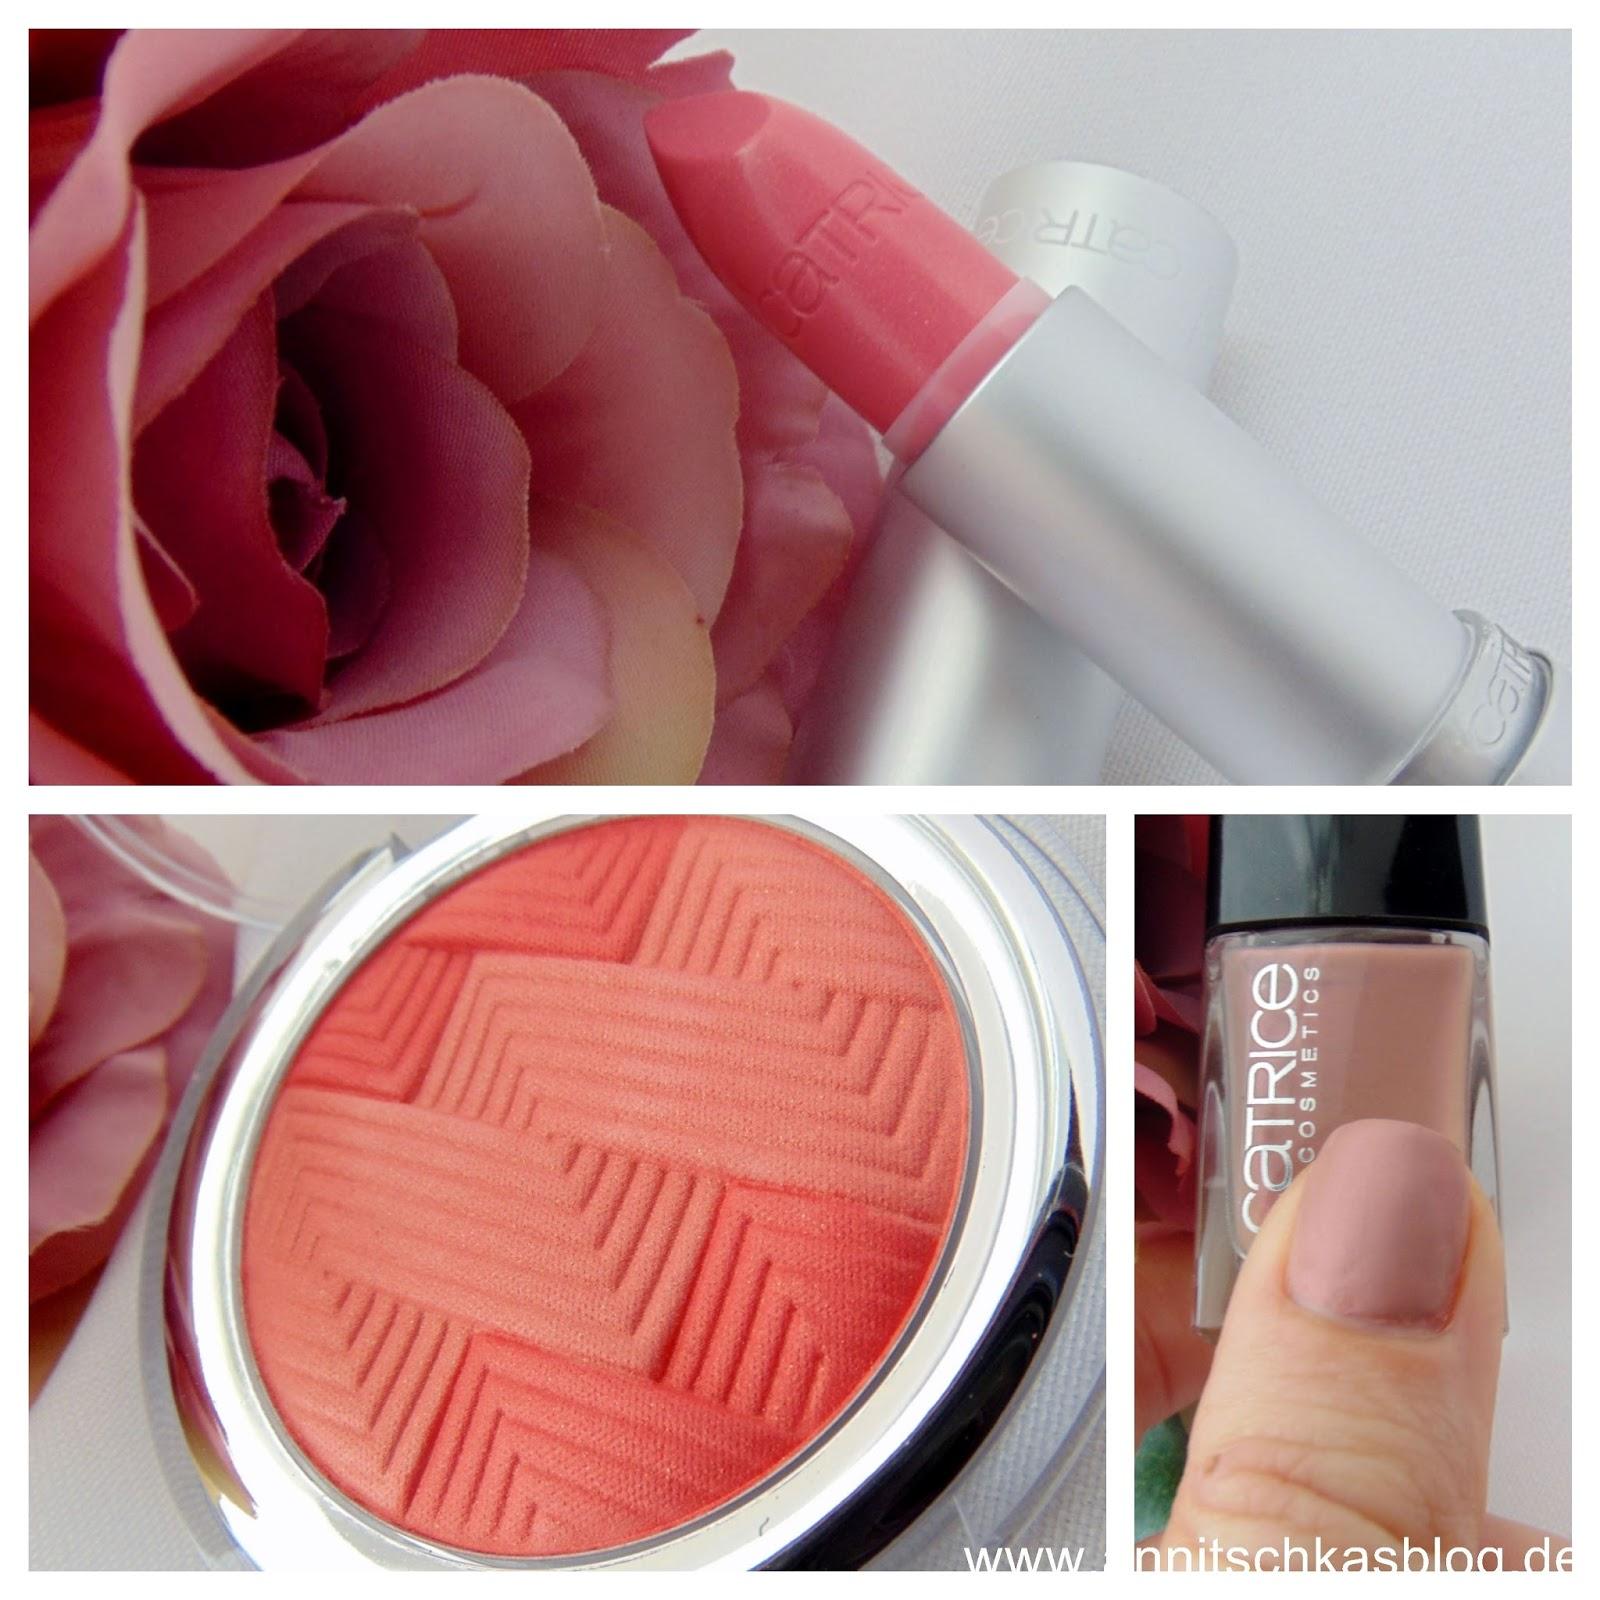 Catrice - Blush, Nagellack & Lippenstift | Annitschkas Blog